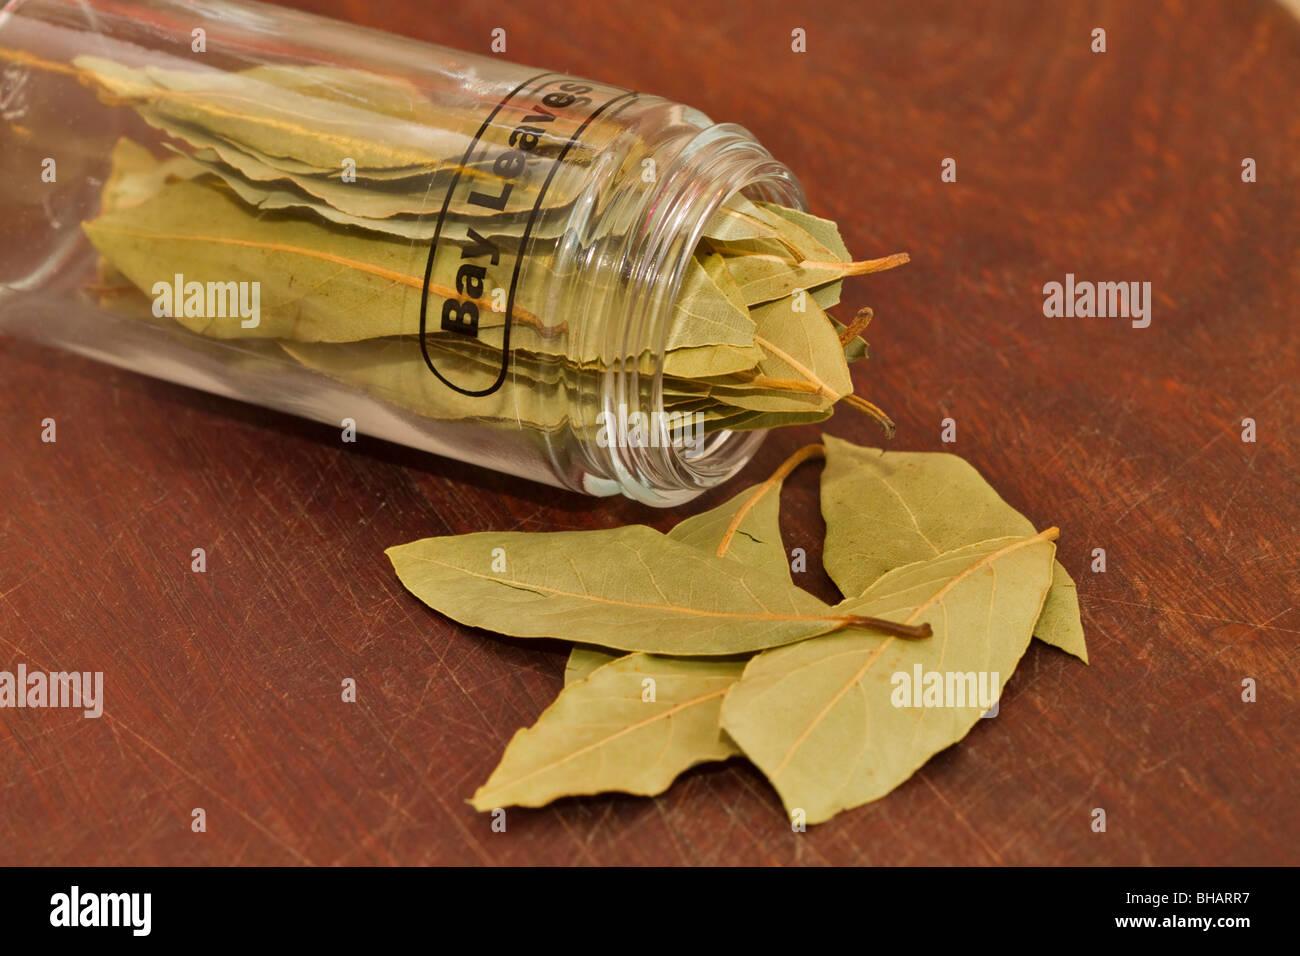 Les feuilles de laurier séchées sur une planche à découper Photo Stock